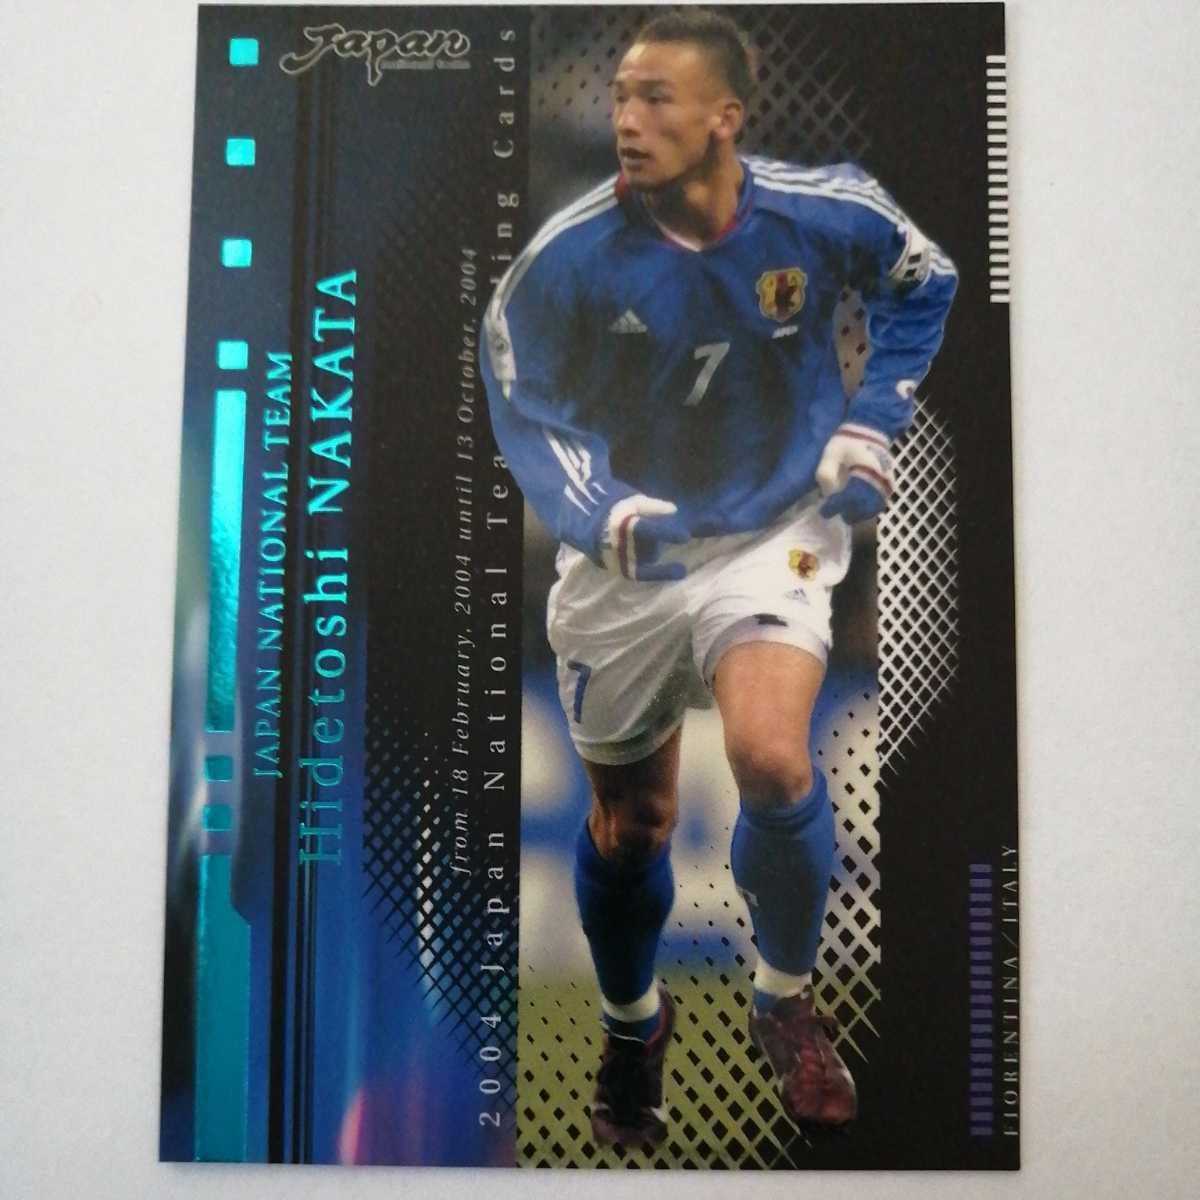 2004 日本代表オフィシャルカード スペシャル・エディション ブルー150枚シリアルパラレル 中田英寿_画像1